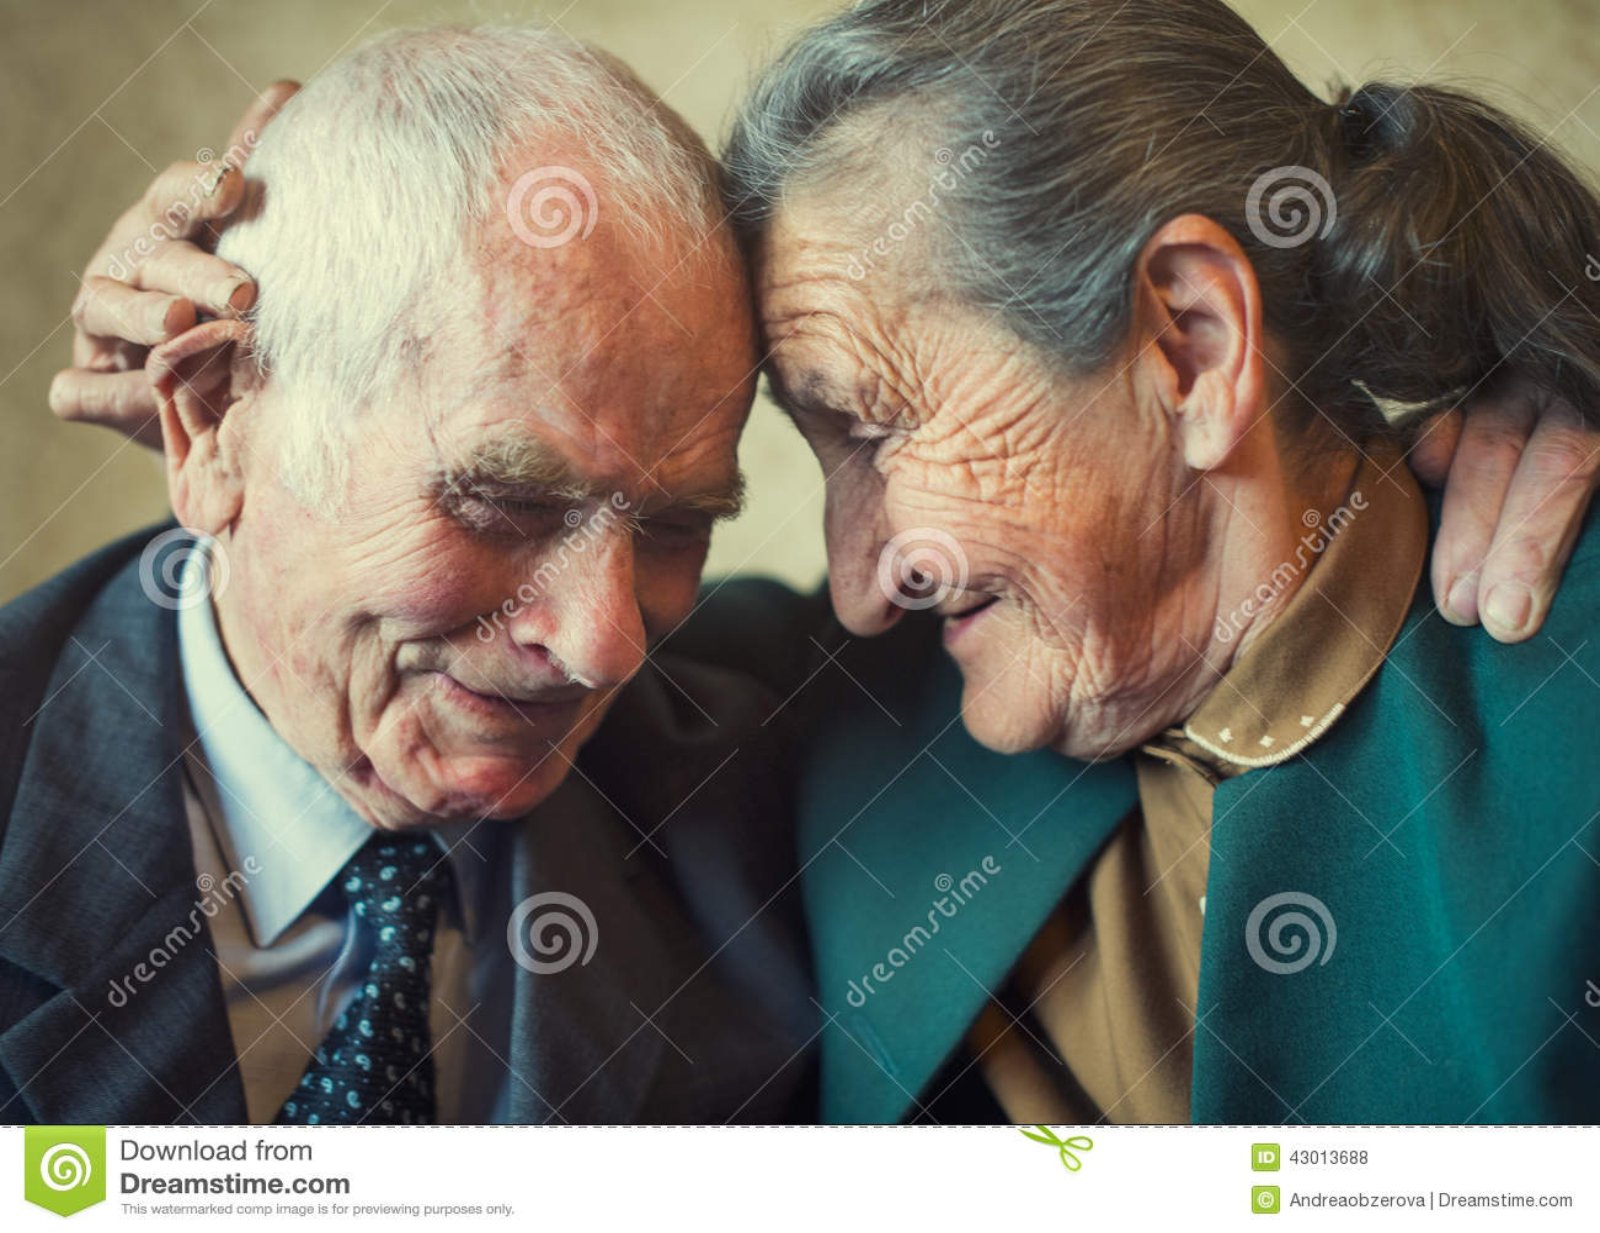 Coppia sposata di un anno più 80 svegli che posa per un ritratto nella loro casa Di amore concetto per sempre